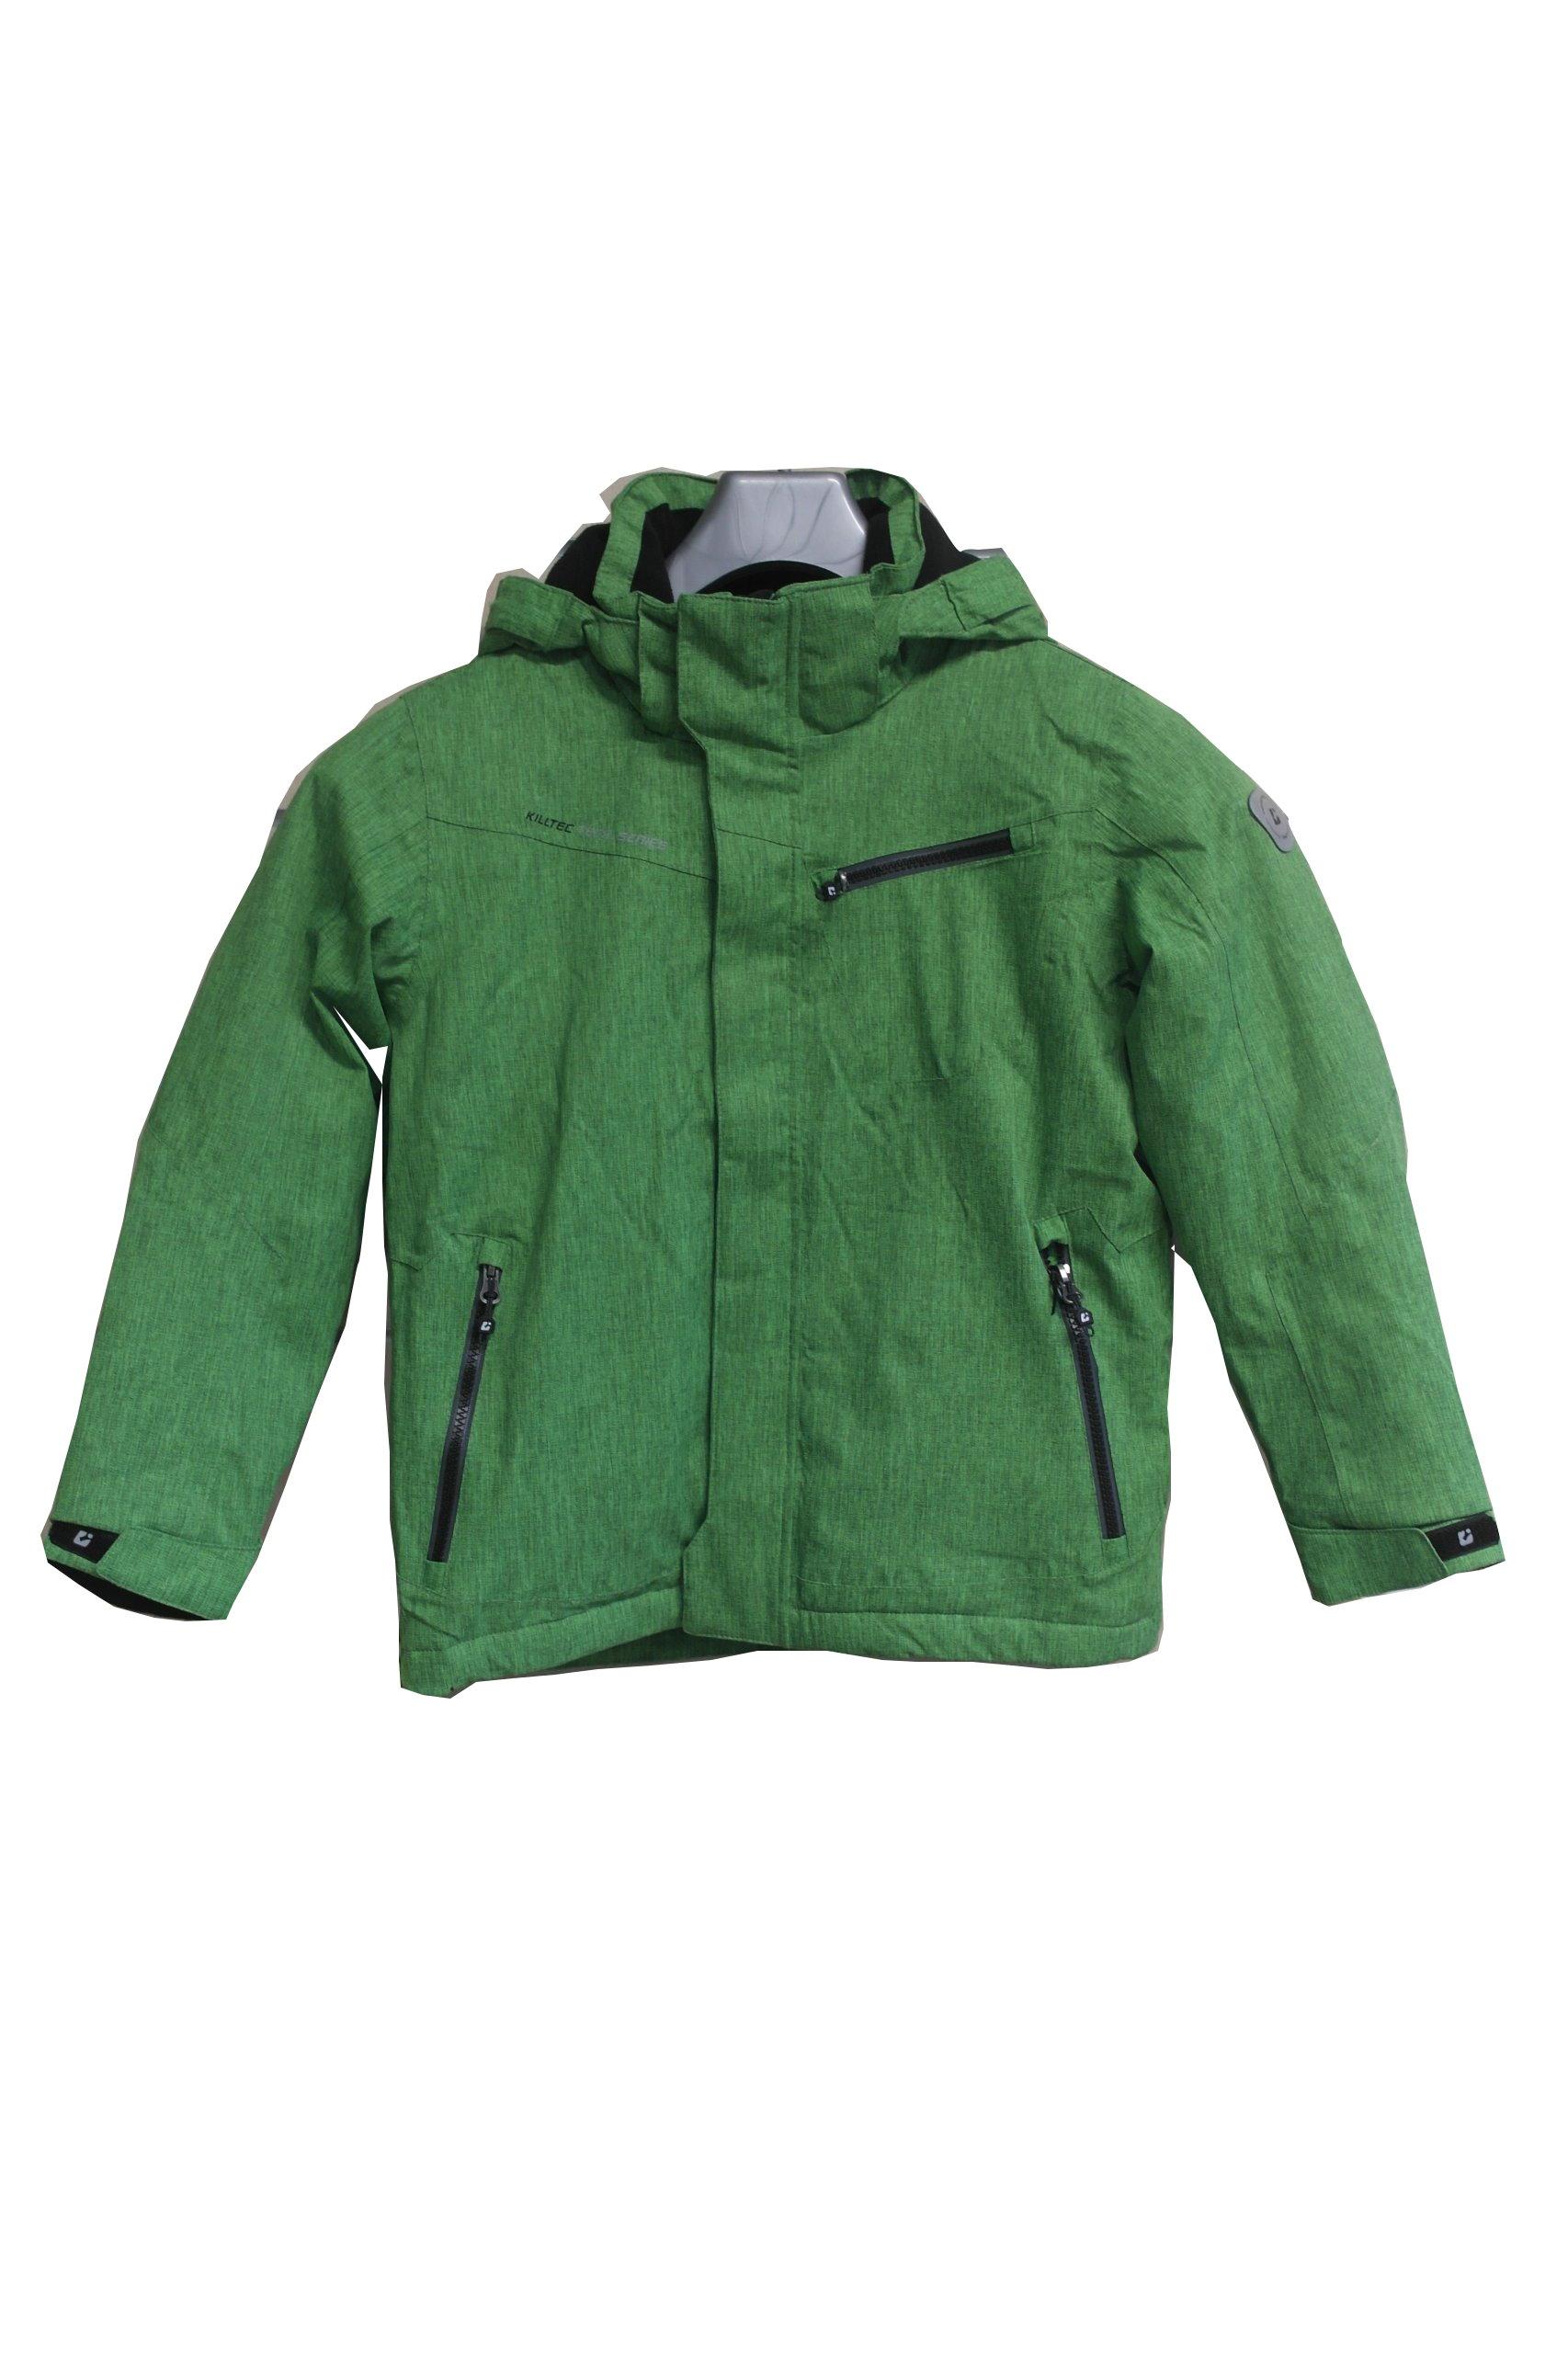 98180fc76f71ca Kurtka narciarska dziecięca KILLTEC EDDY JR r. 140 6639438629 - Allegro.pl